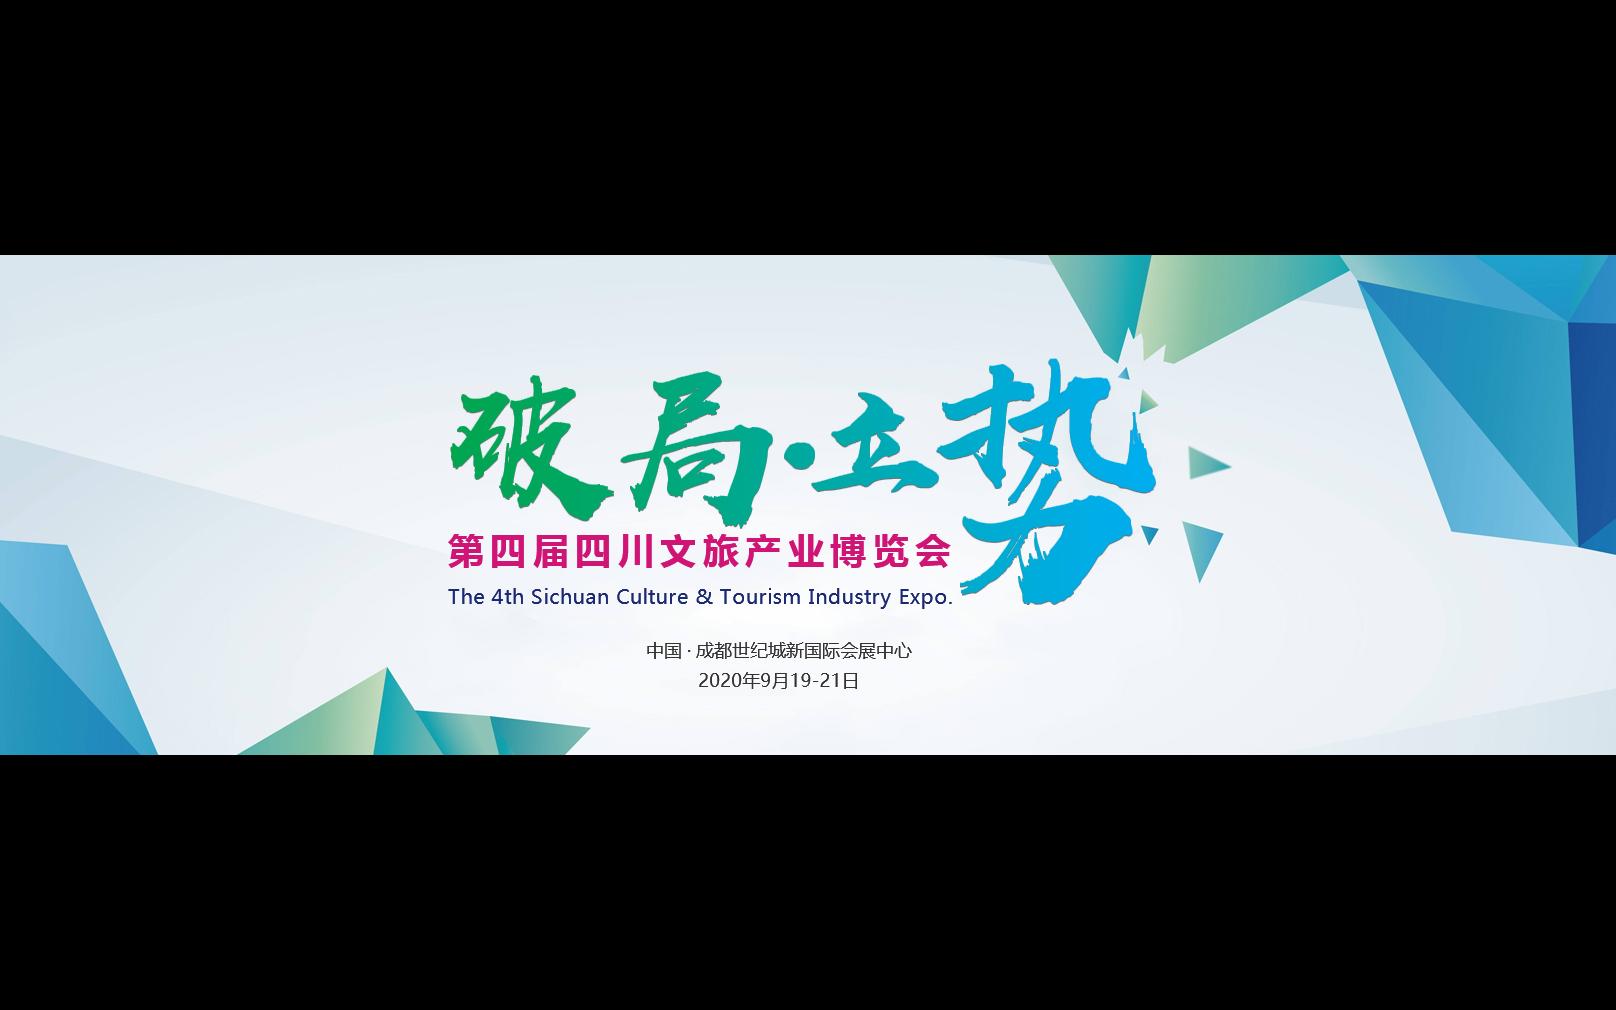 第四届四川文旅产业博览会